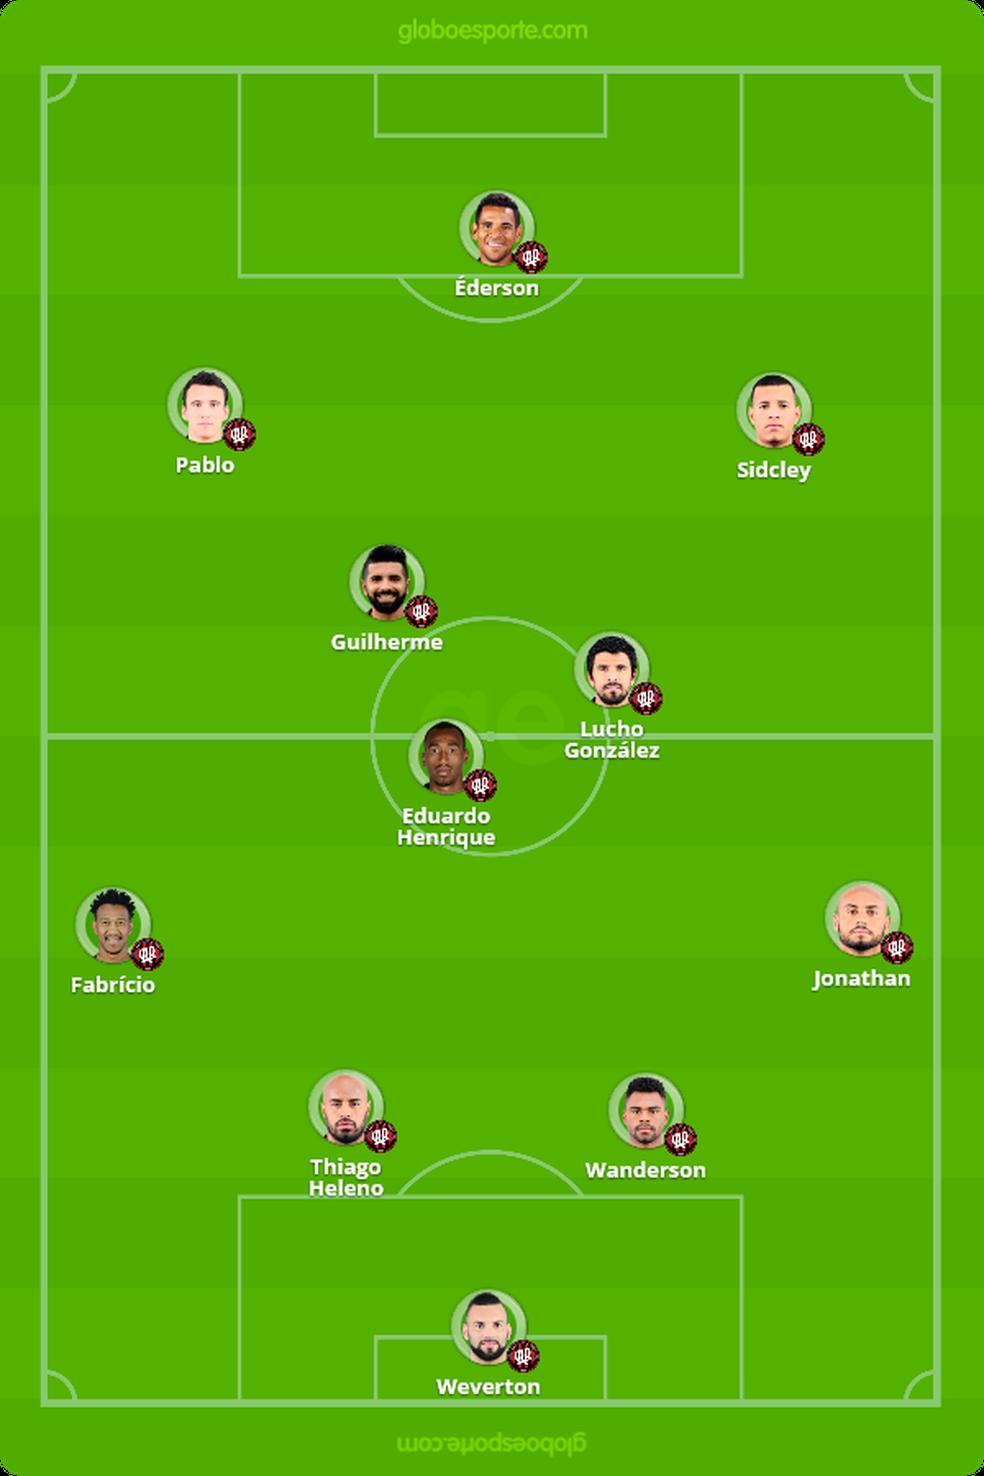 Provável formação do Atlético-PR contra o Vasco (Foto: arte globoesporte.com)